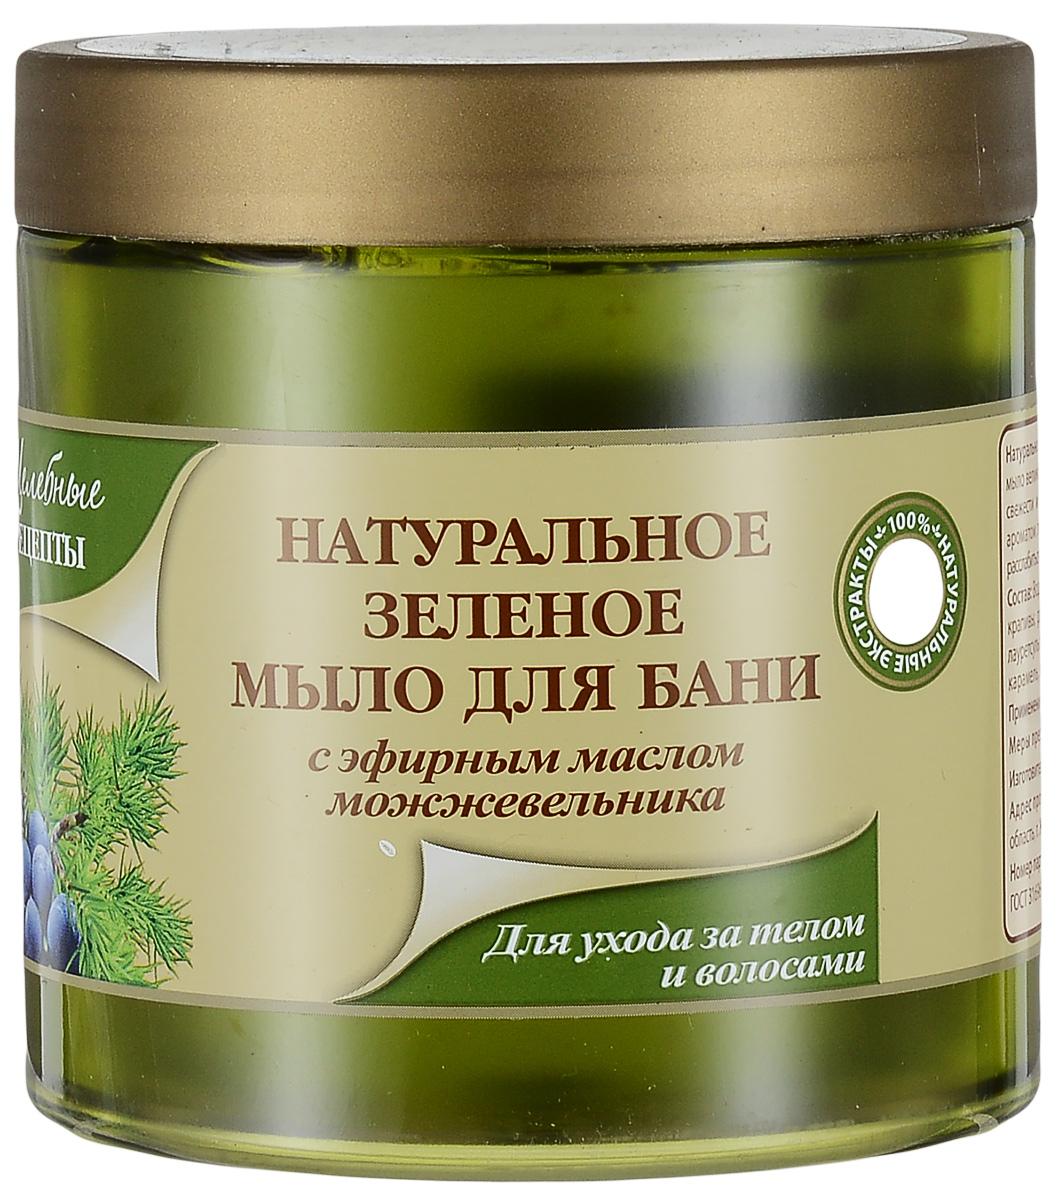 Целебные Рецепты Натуральное Зеленое мыло для бани для ухода за телом и волосами 500 мл.FS-00897Натуральное таежное зеленое мыло, разработанное на основе естественных сапонинов, содержащихся в мыльном корне, обогащено экстрактами хвоща, крапивы, багульника болотного. Благодаря высокому содержанию масел пихты, сосны, кедрового ореха при использовании мыла создается эффект ароматерапии, который усиливается при применении мыла в бане. Все экстракты и масла полезны как для тела, так и для волос, благодаря чему наше мыло можно использовать как гель для душа и как шампунь для волос.